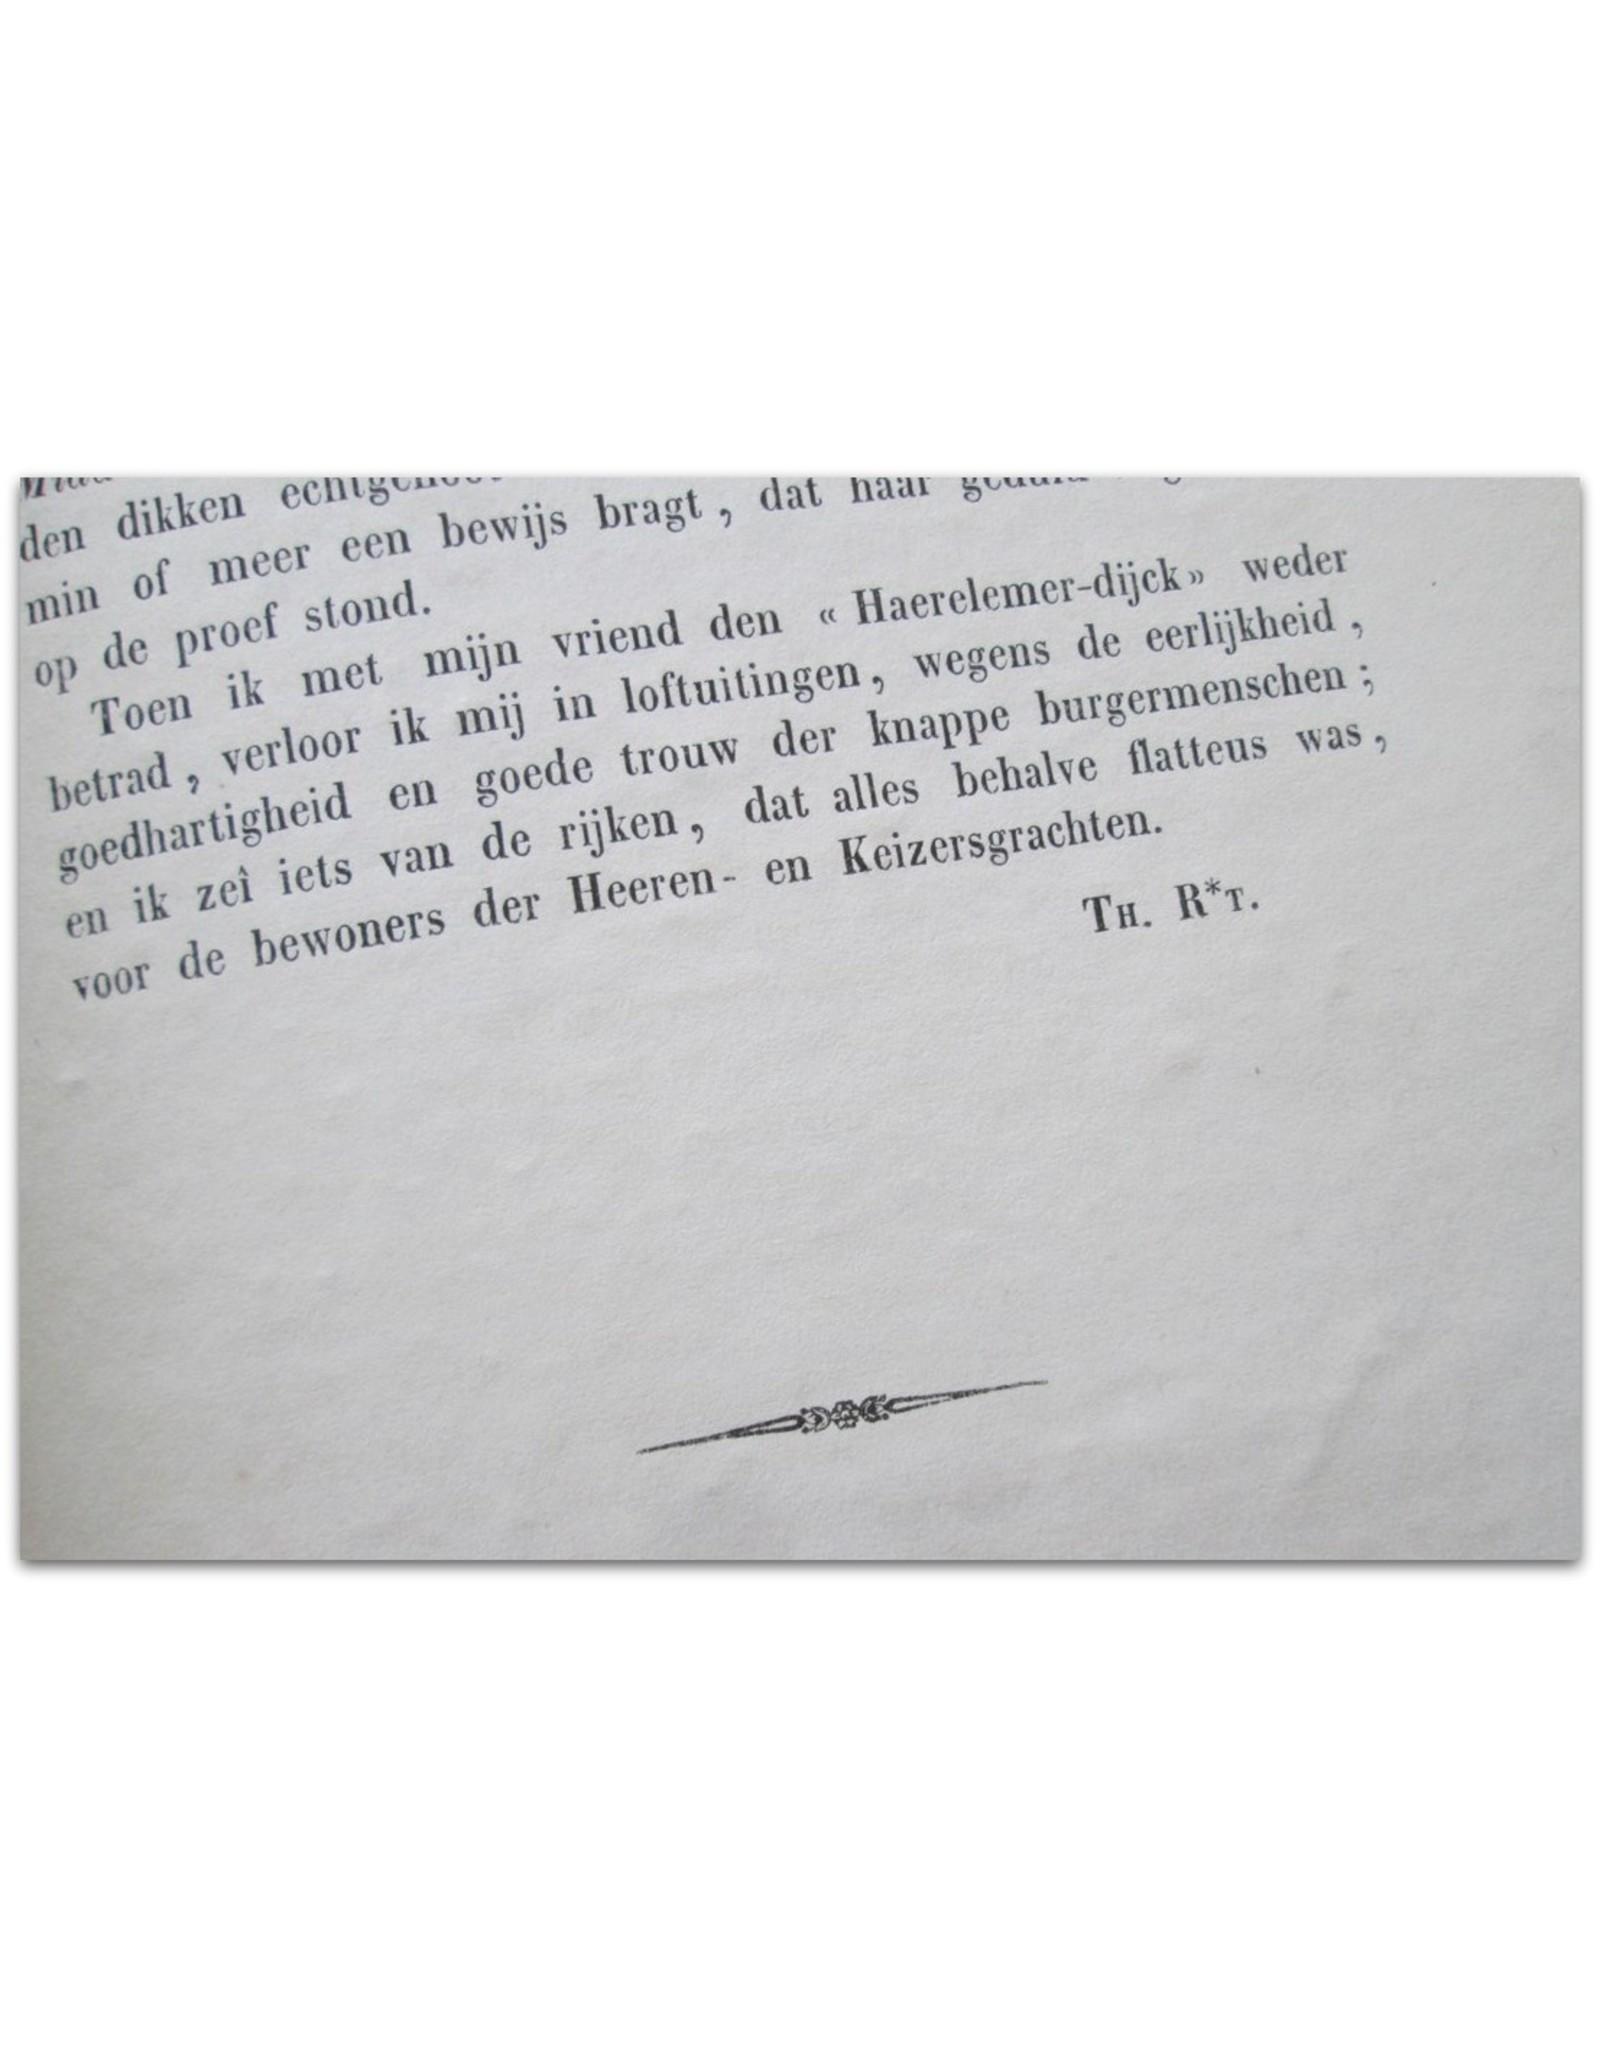 [J.A. Alberdingk Thijm] - Eene wandeling met mijn vriend H.C. [kundig Fijnschilder]